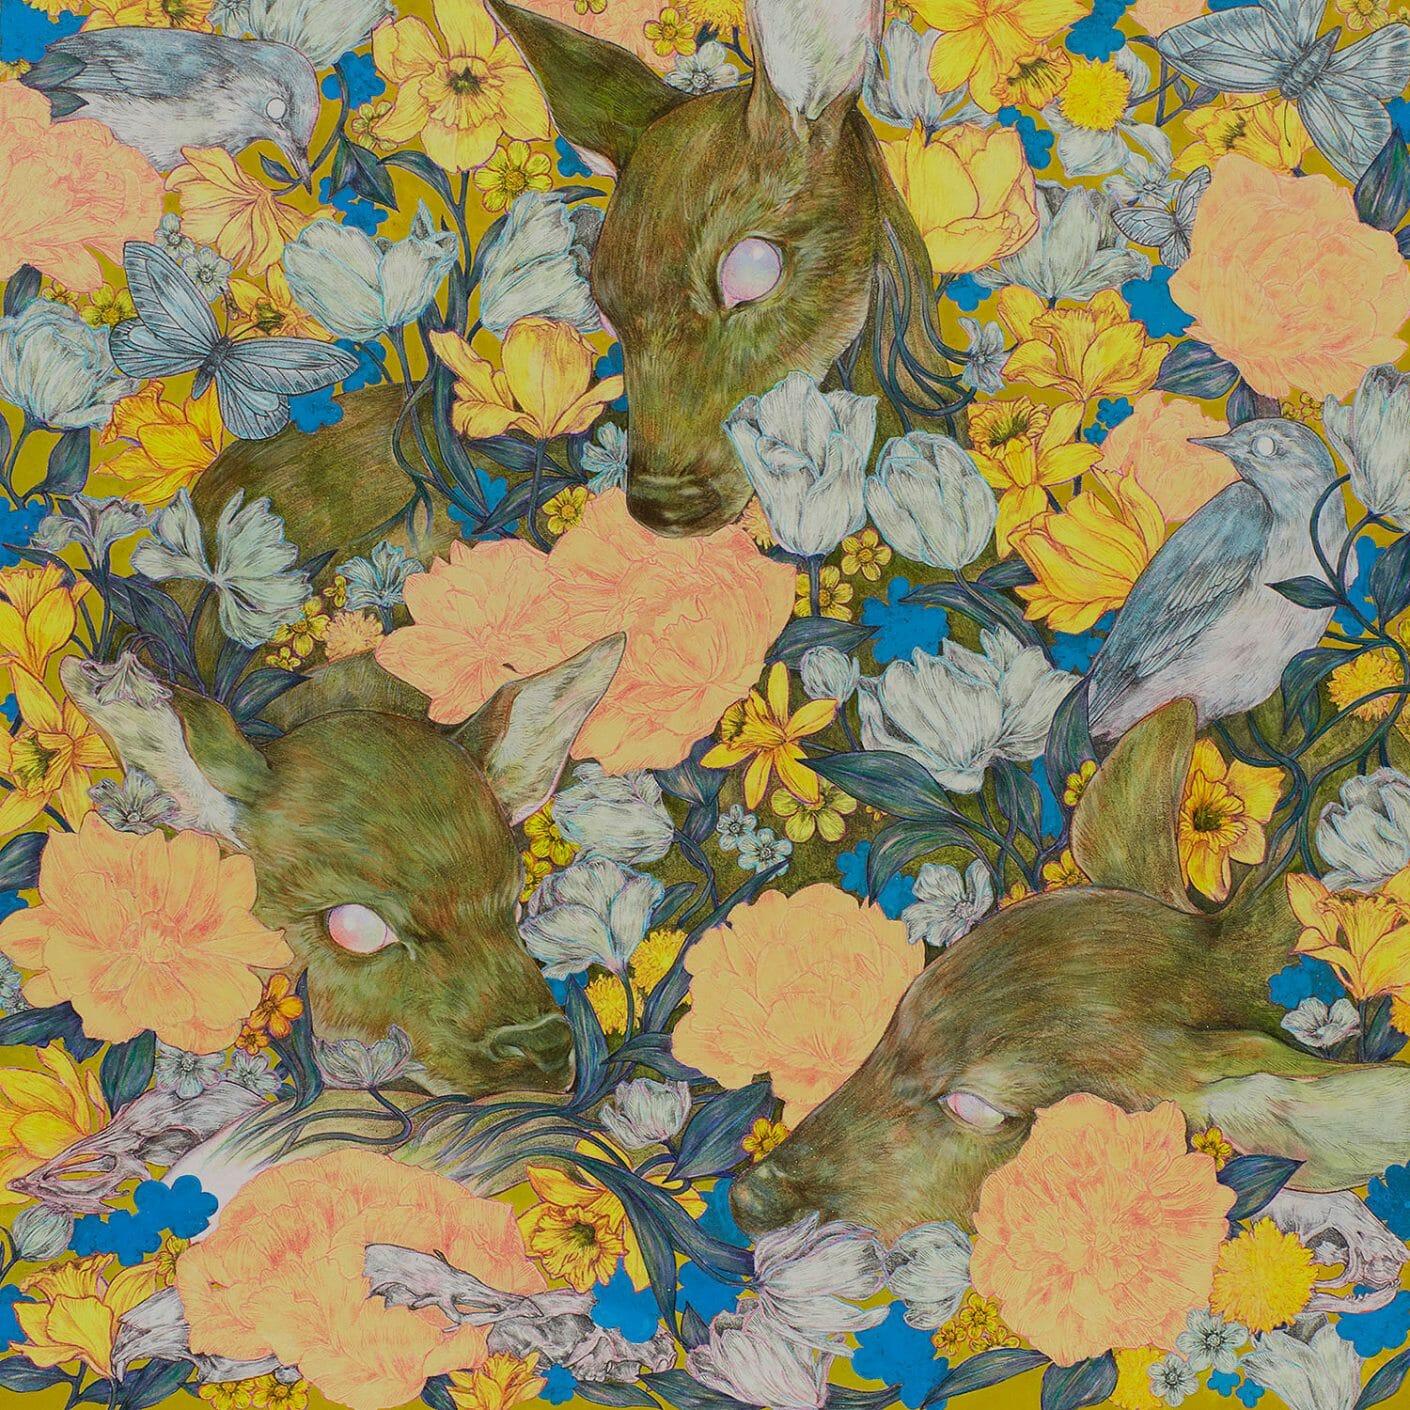 Trois têtes de cerfs, les yeux vides et globuleux, aux milieux de fleurs oranges, jaunes et bleues